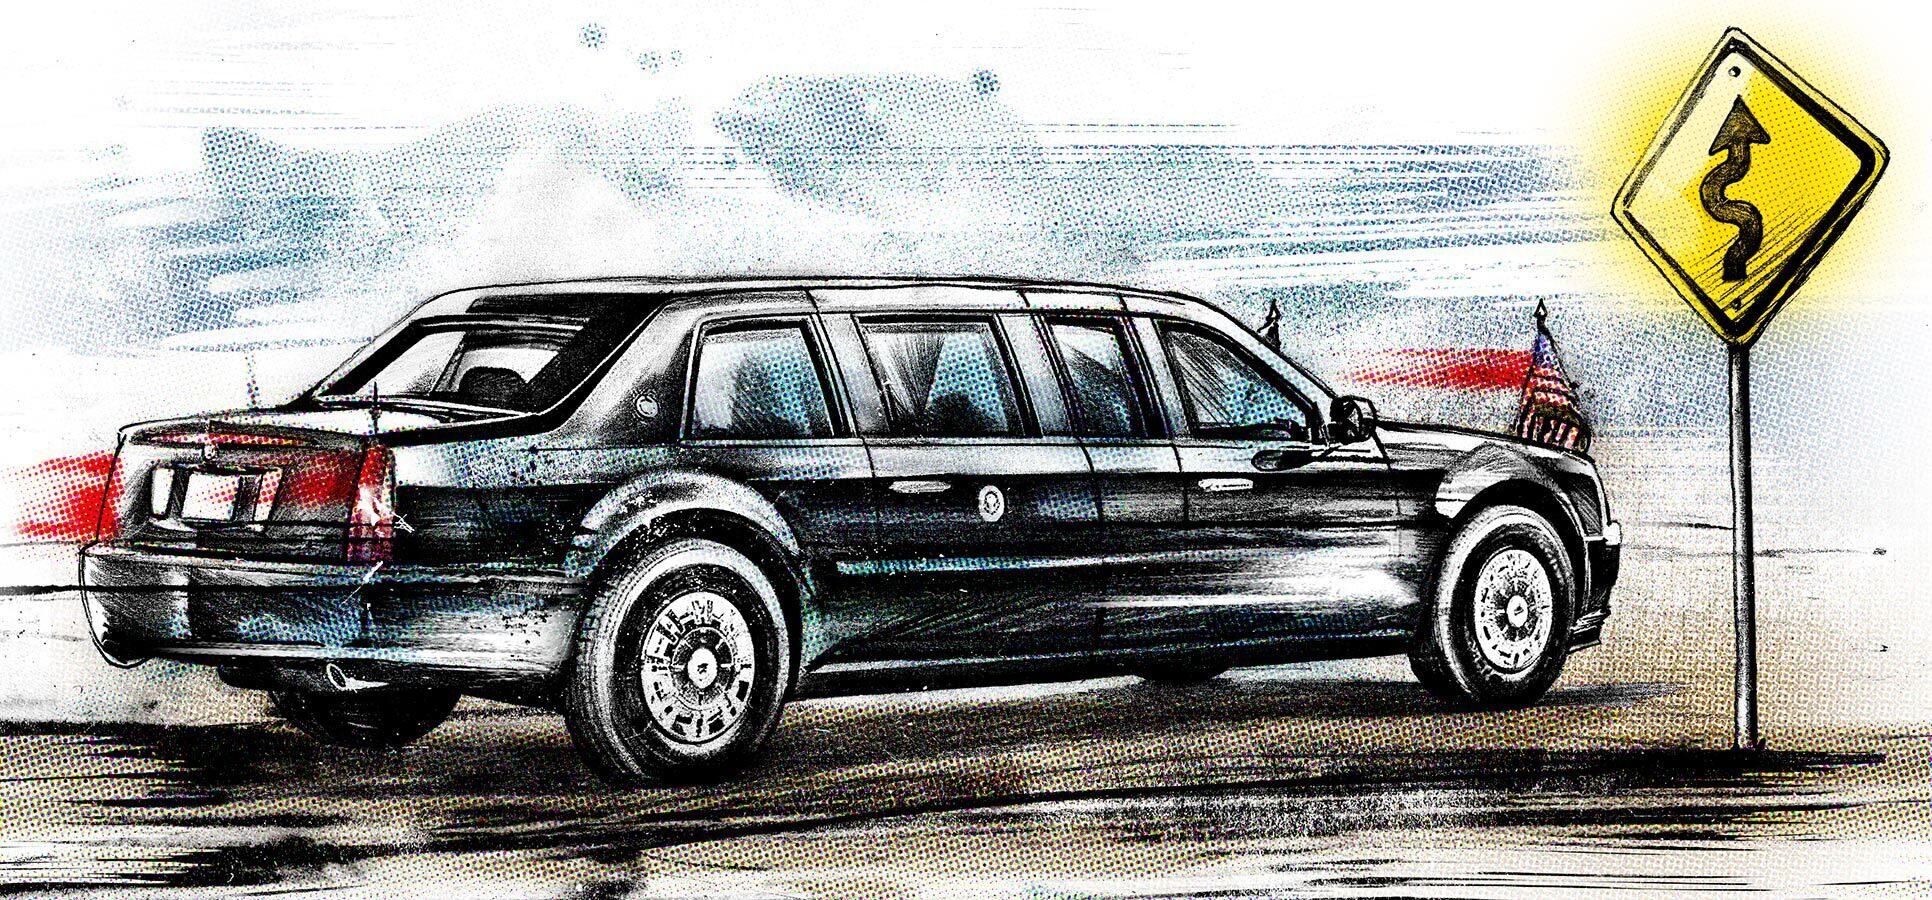 Cadillac illustration presidential limousine - Kornel Illustration | Kornel Stadler portfolio